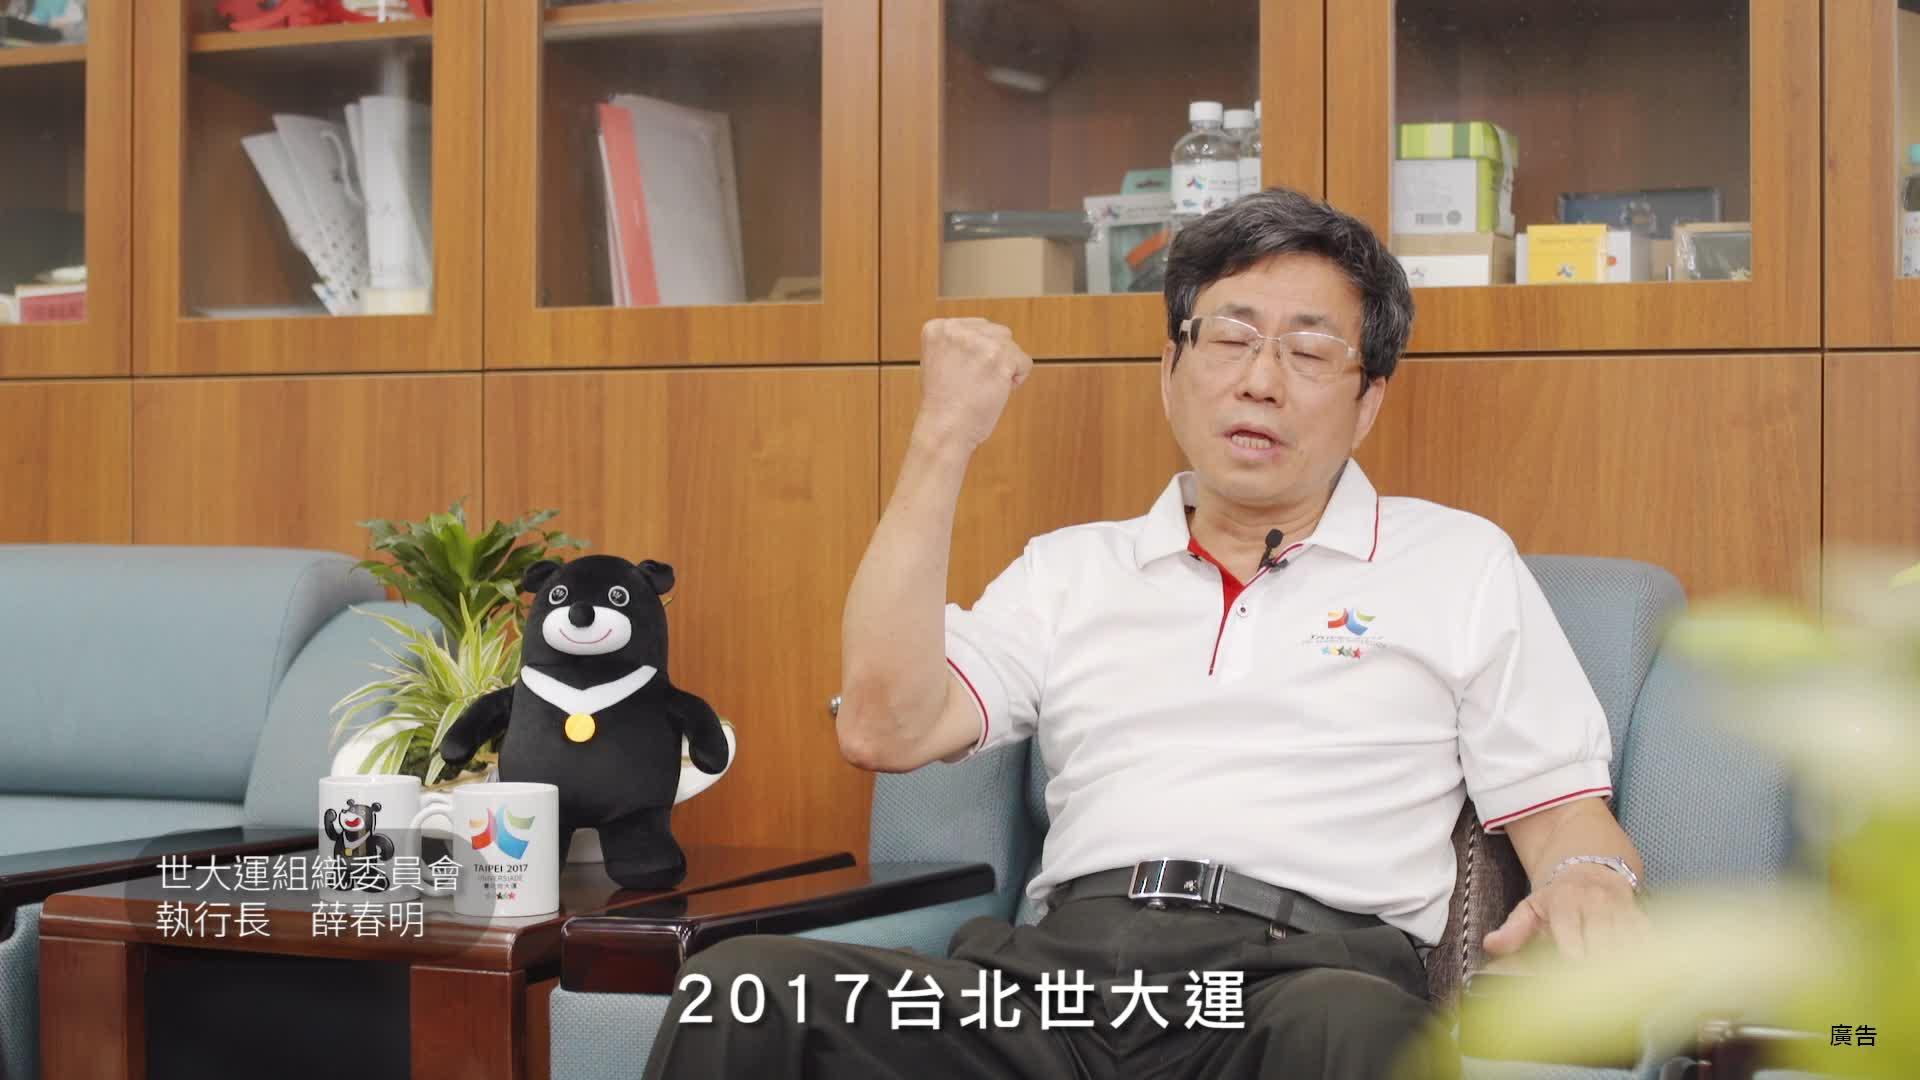 世大運周年影片